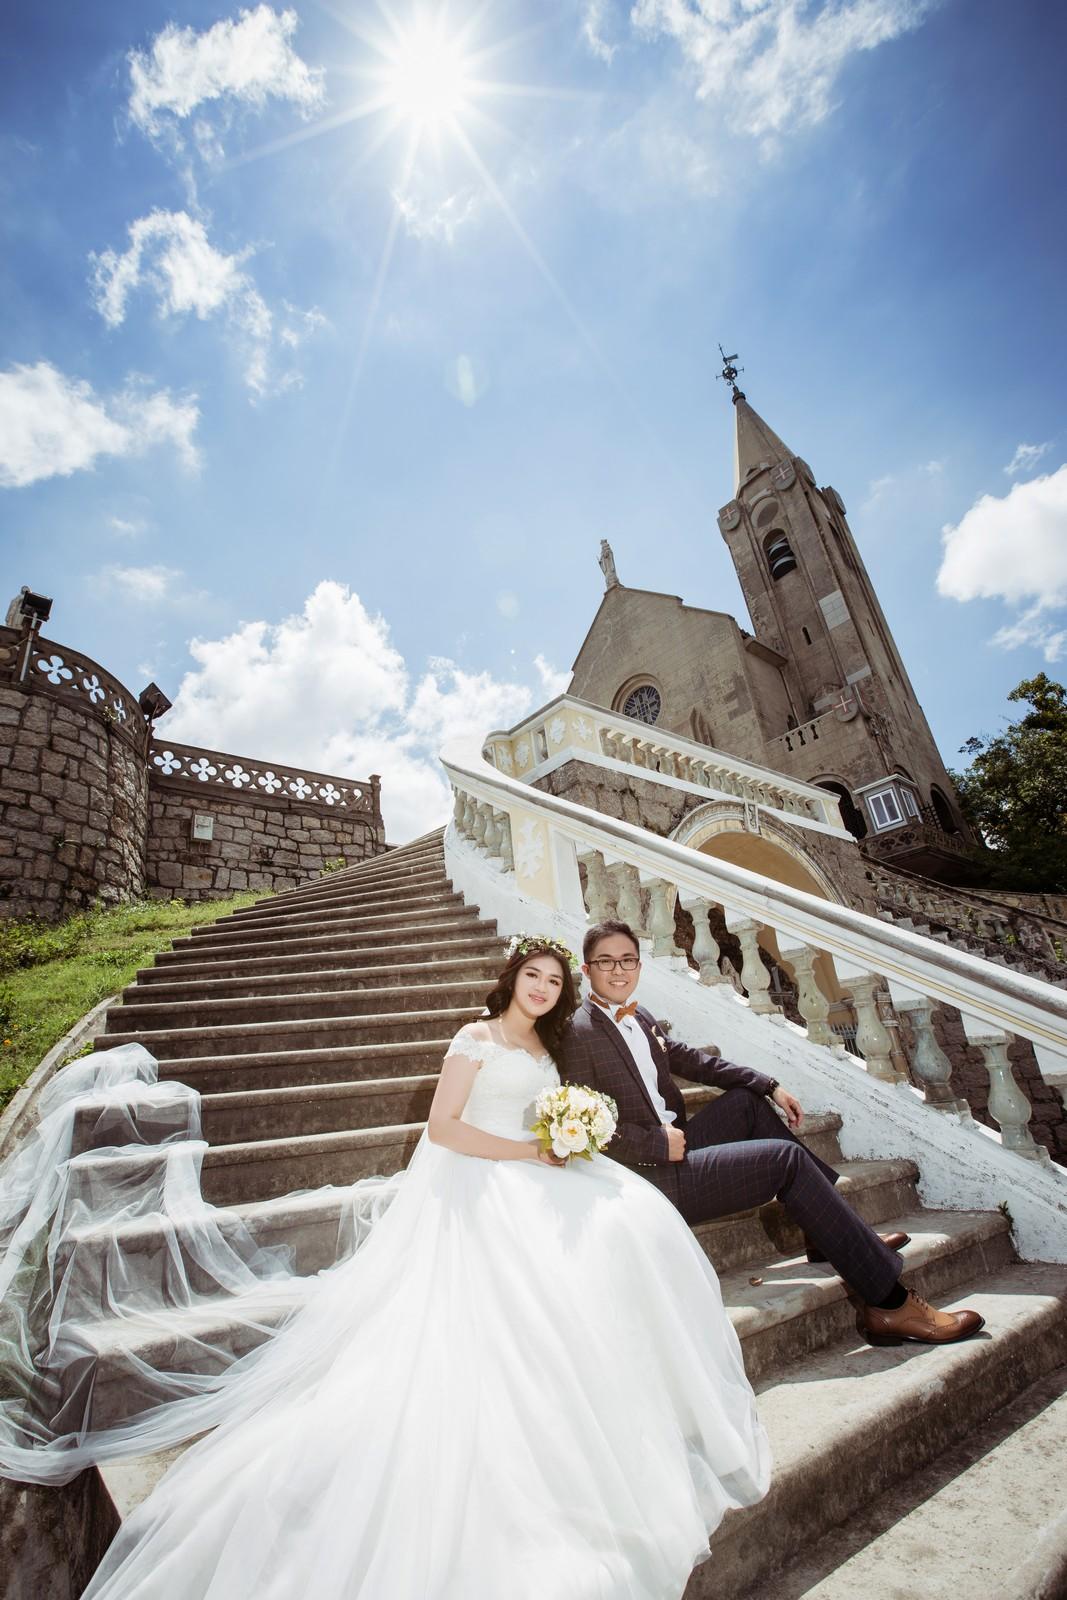 婚紗攝影,澳門婚紗,澳門拍婚紗,海外婚紗